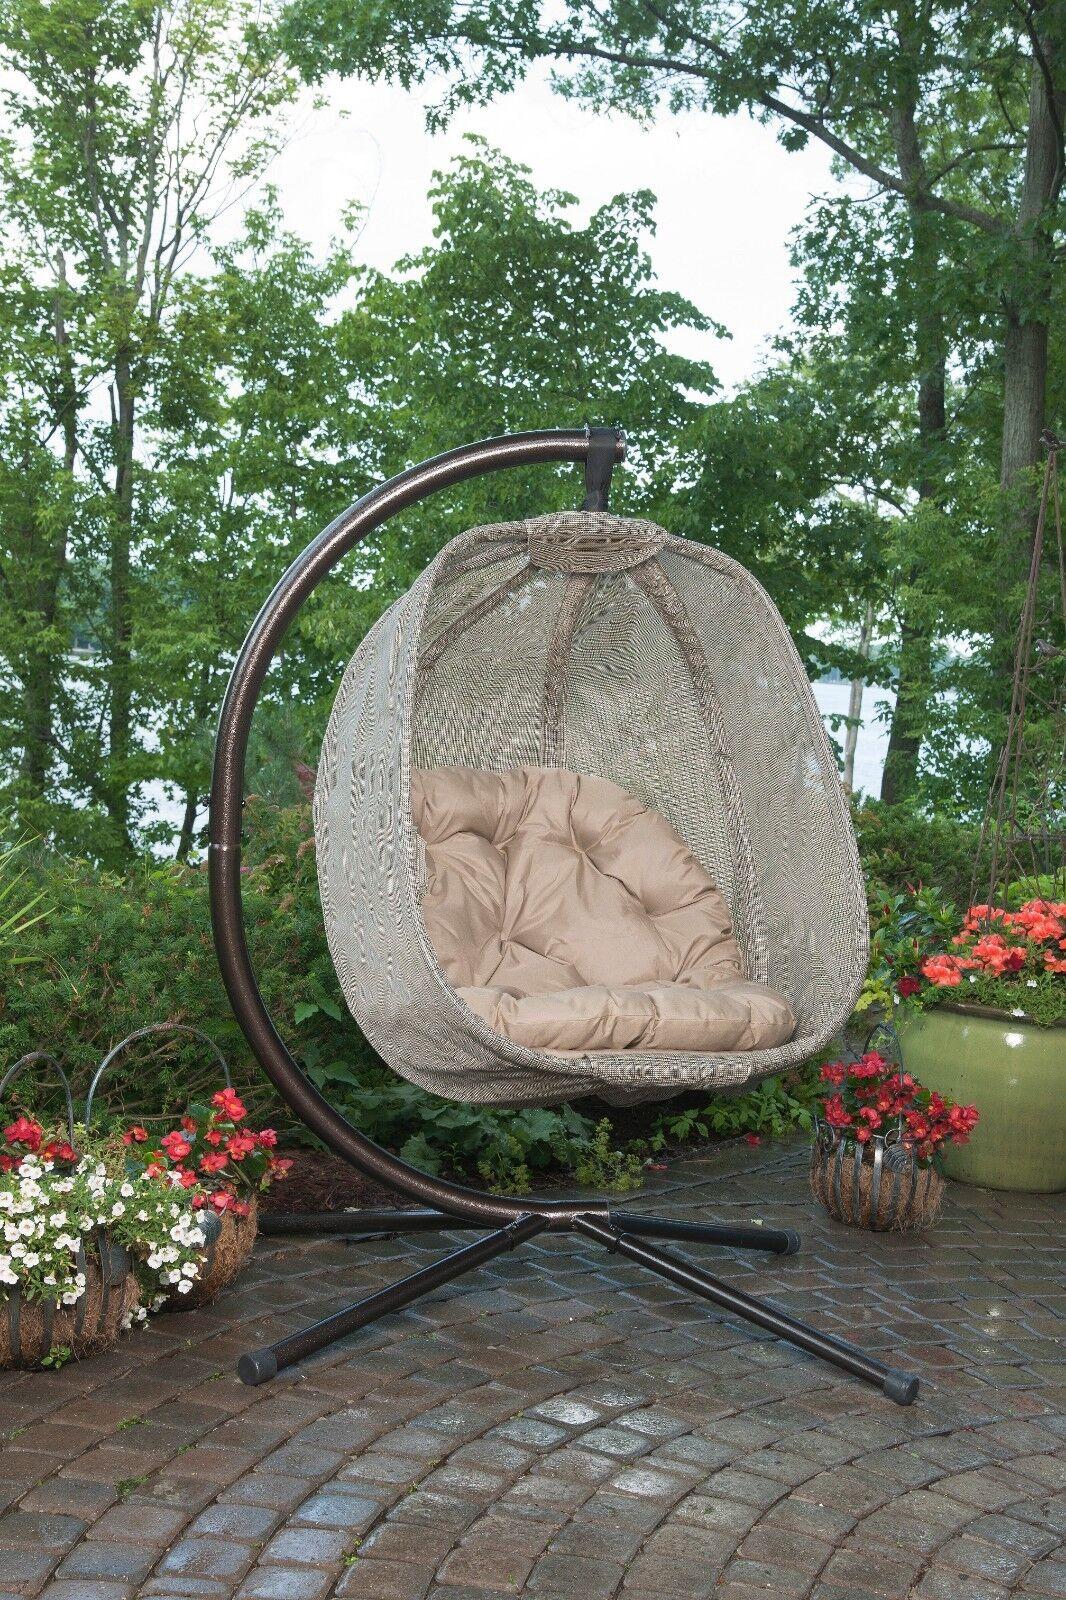 Silla huevo colgante al aire libre porche Jardín Columpio Cojín Asiento Muebles Soporte De Acero